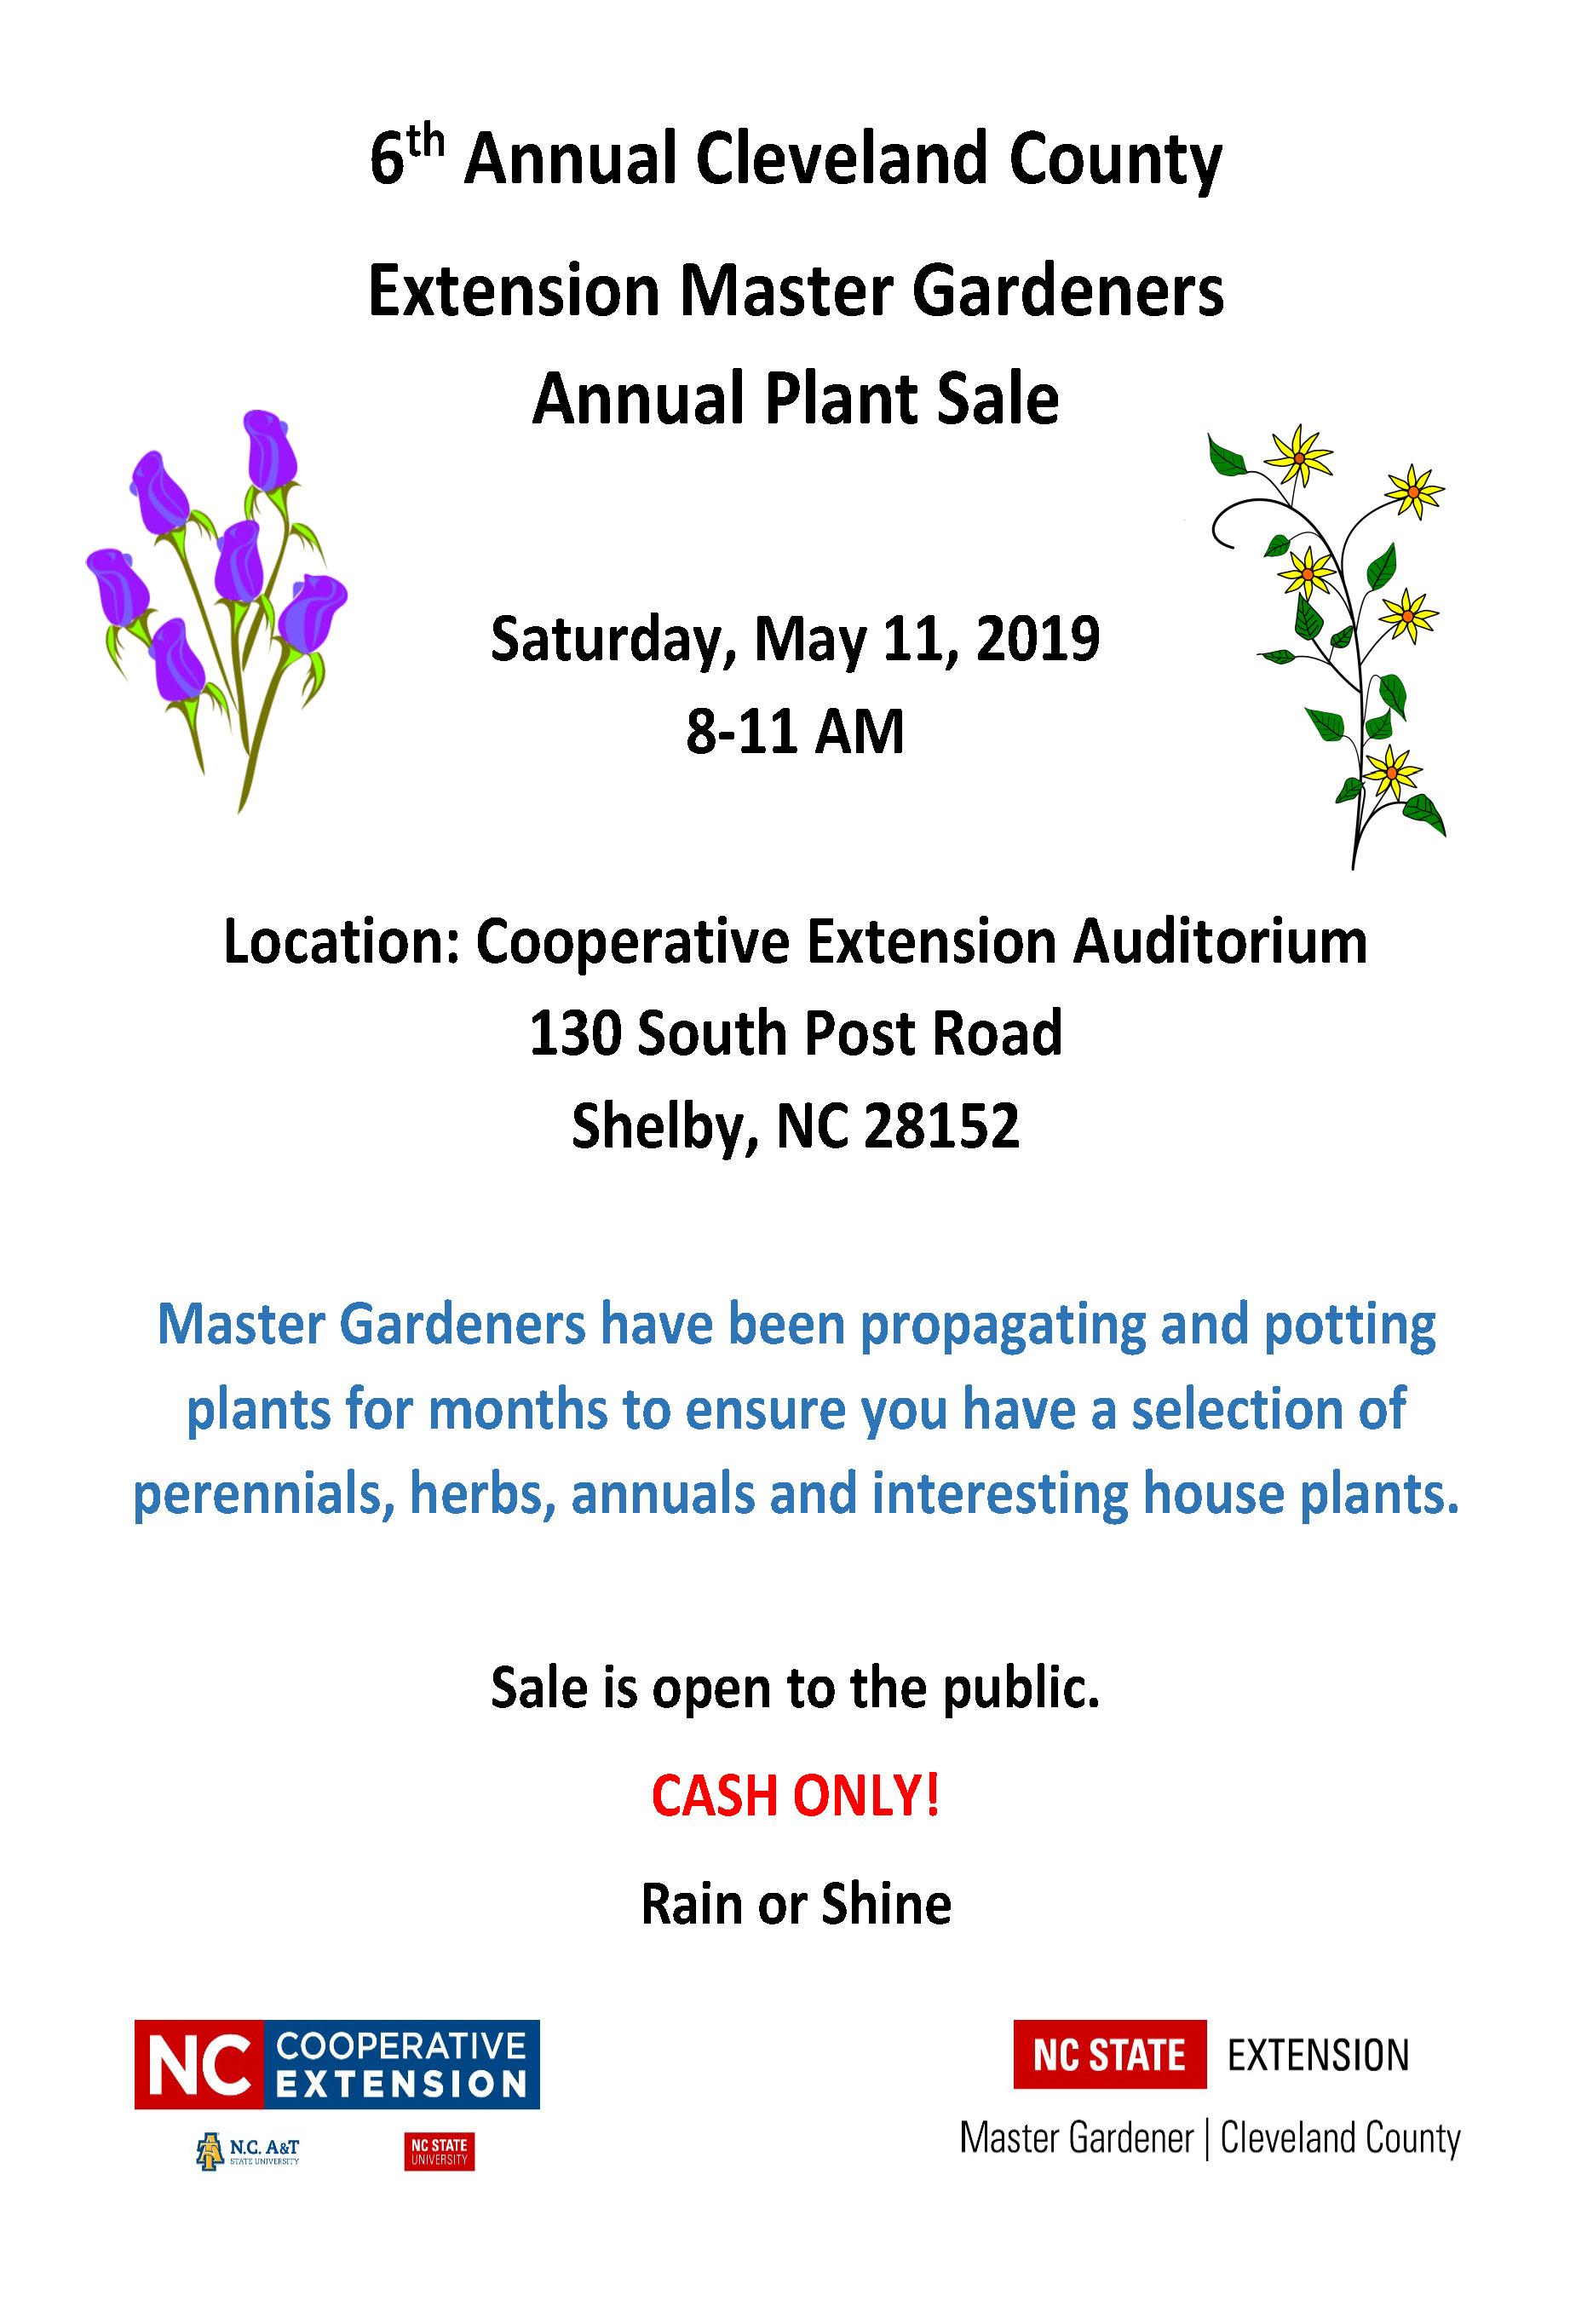 Plant sale flyer